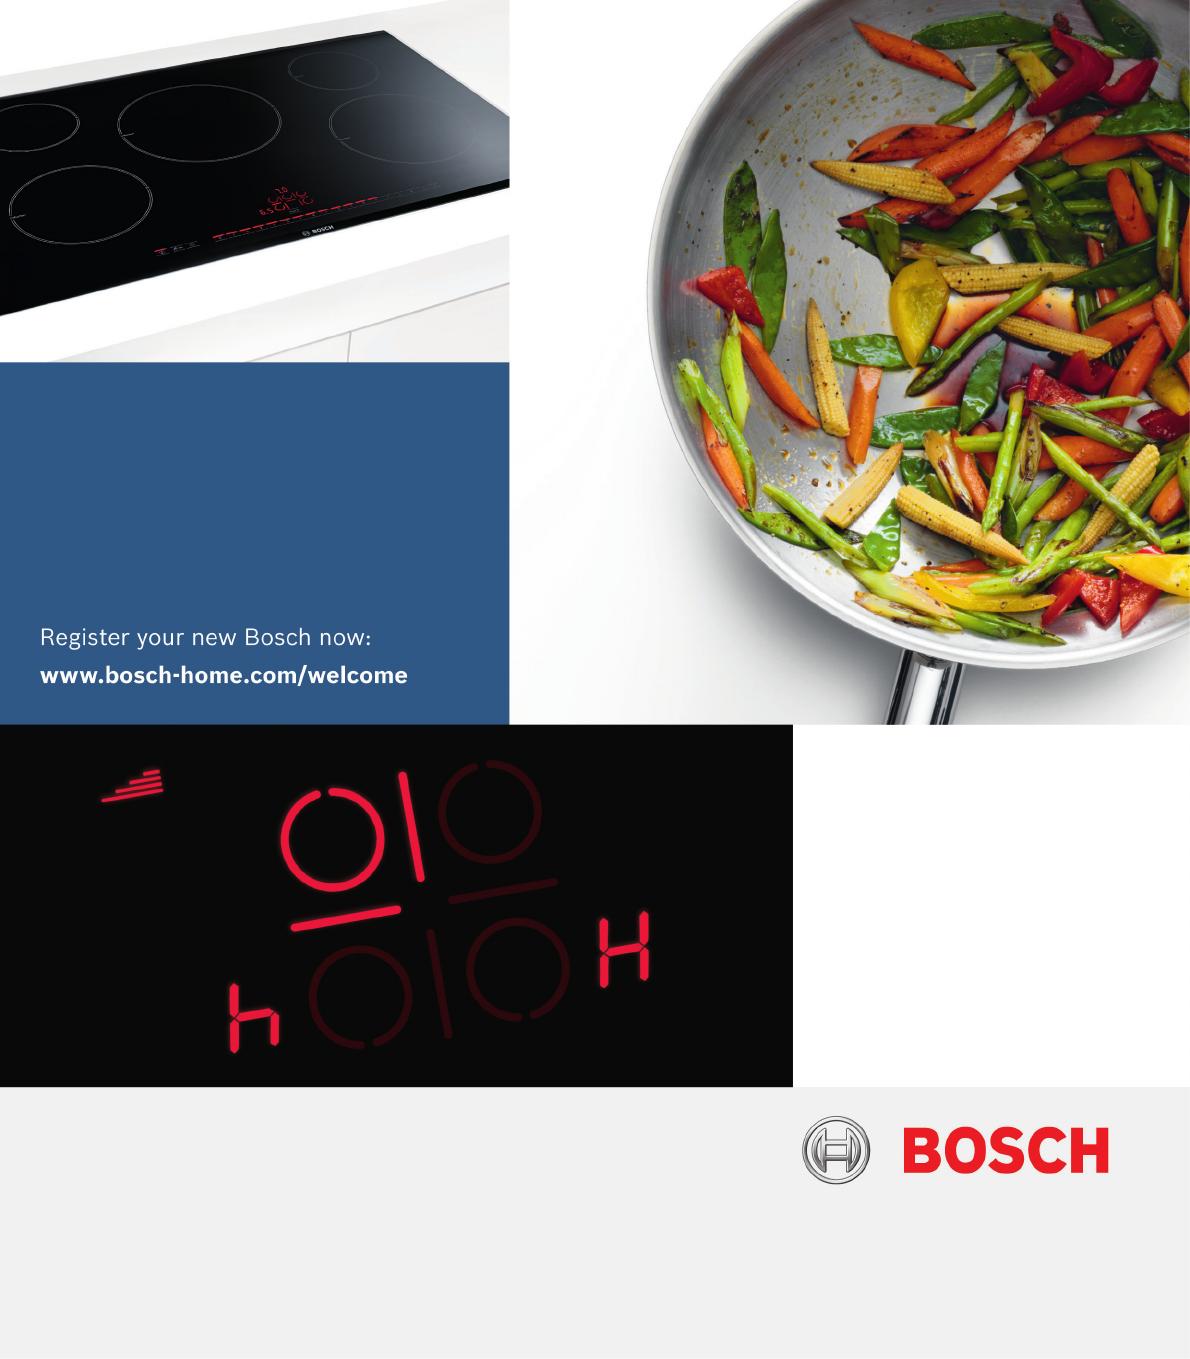 Handleiding bosch pvp775fc1e pagina 1 van 32 deutsch for Bosch inspiratiehuis